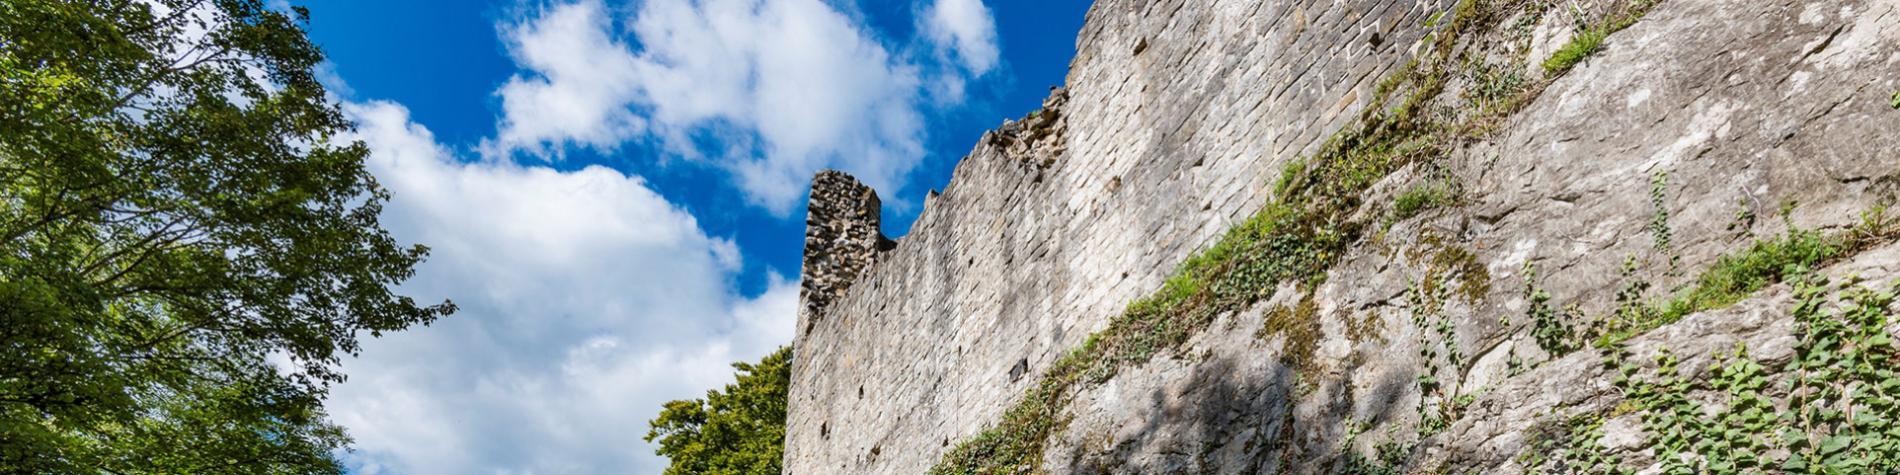 château fort - Logne - musée - médiévale